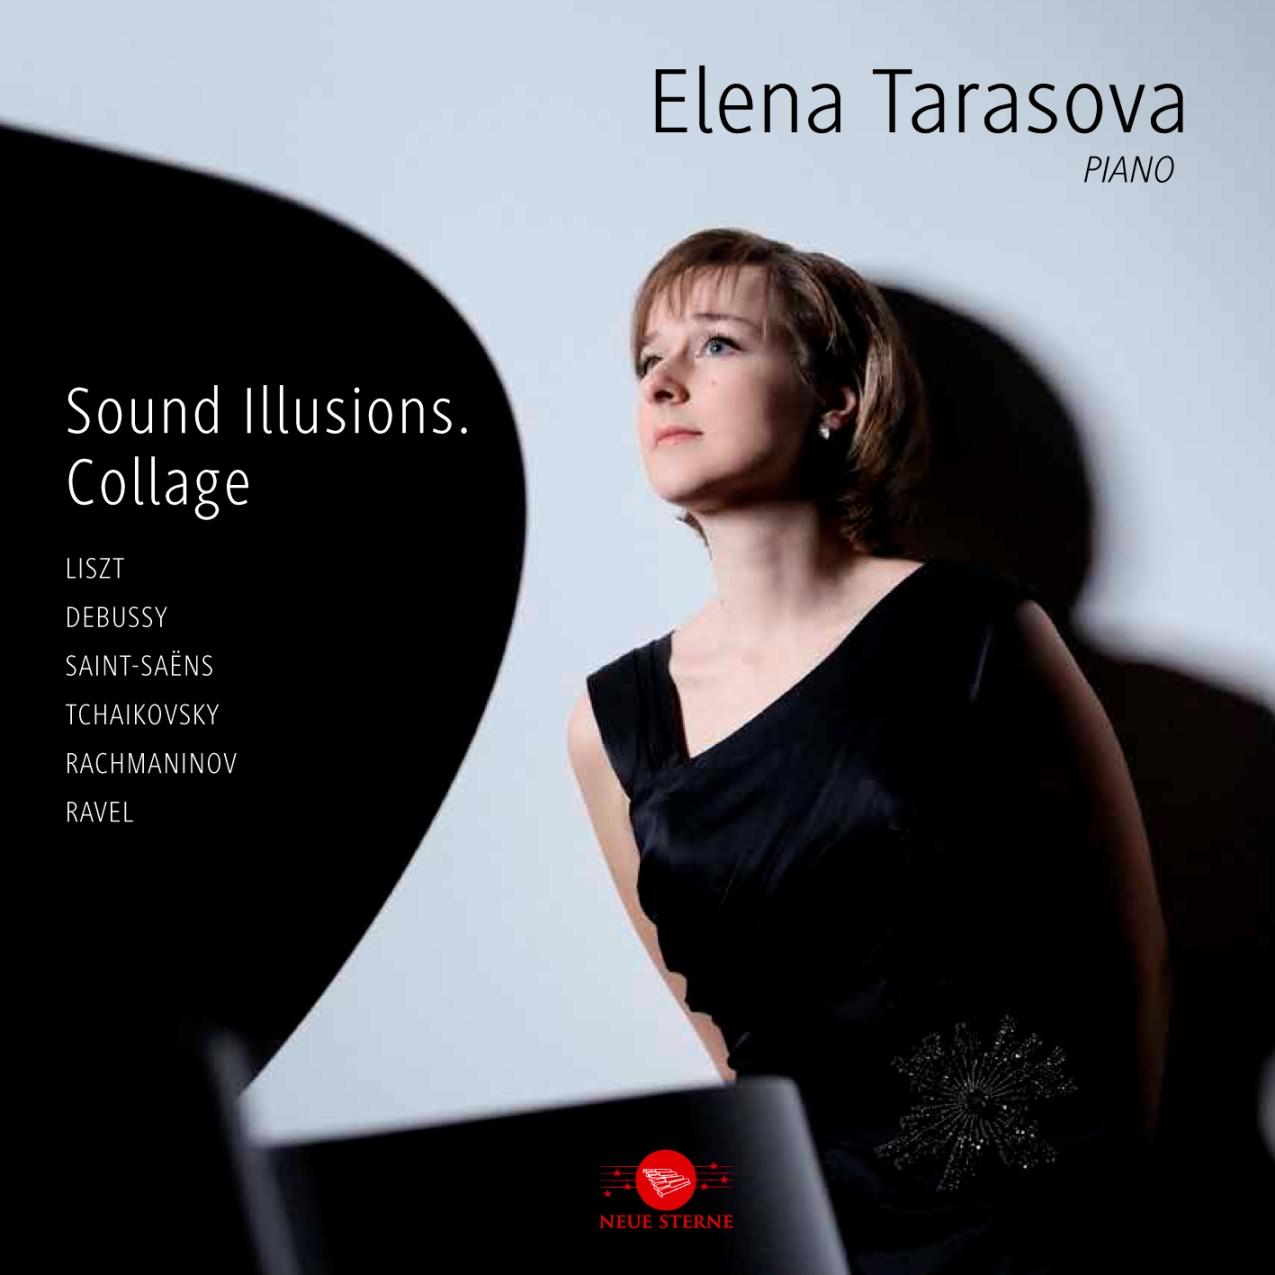 Концерт-презентация альбома «Звуковые иллюзии. Коллаж» Елены Тарасовой